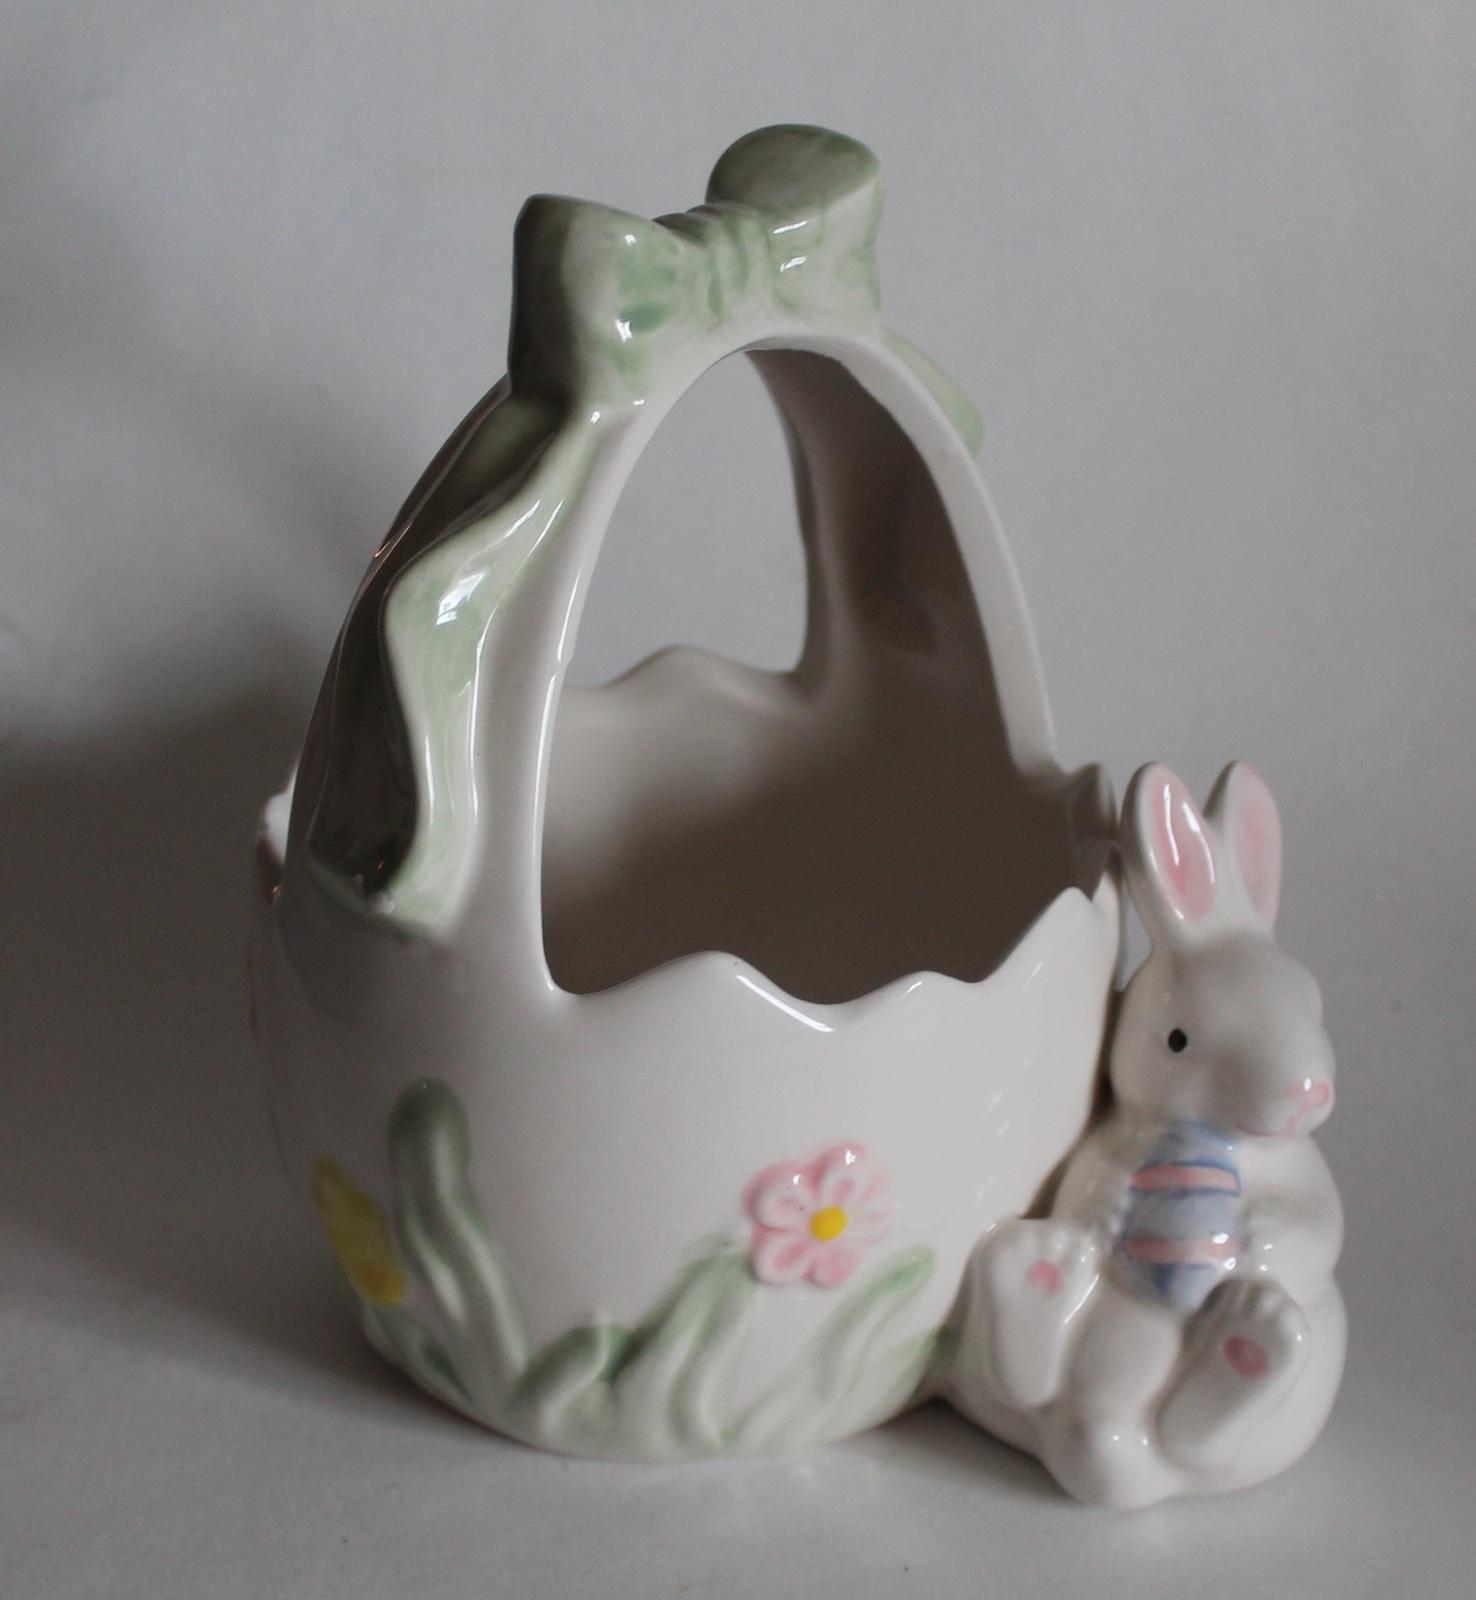 Easter Basket Ceramic Basket With Rabbit Easter Decor Easter Spring